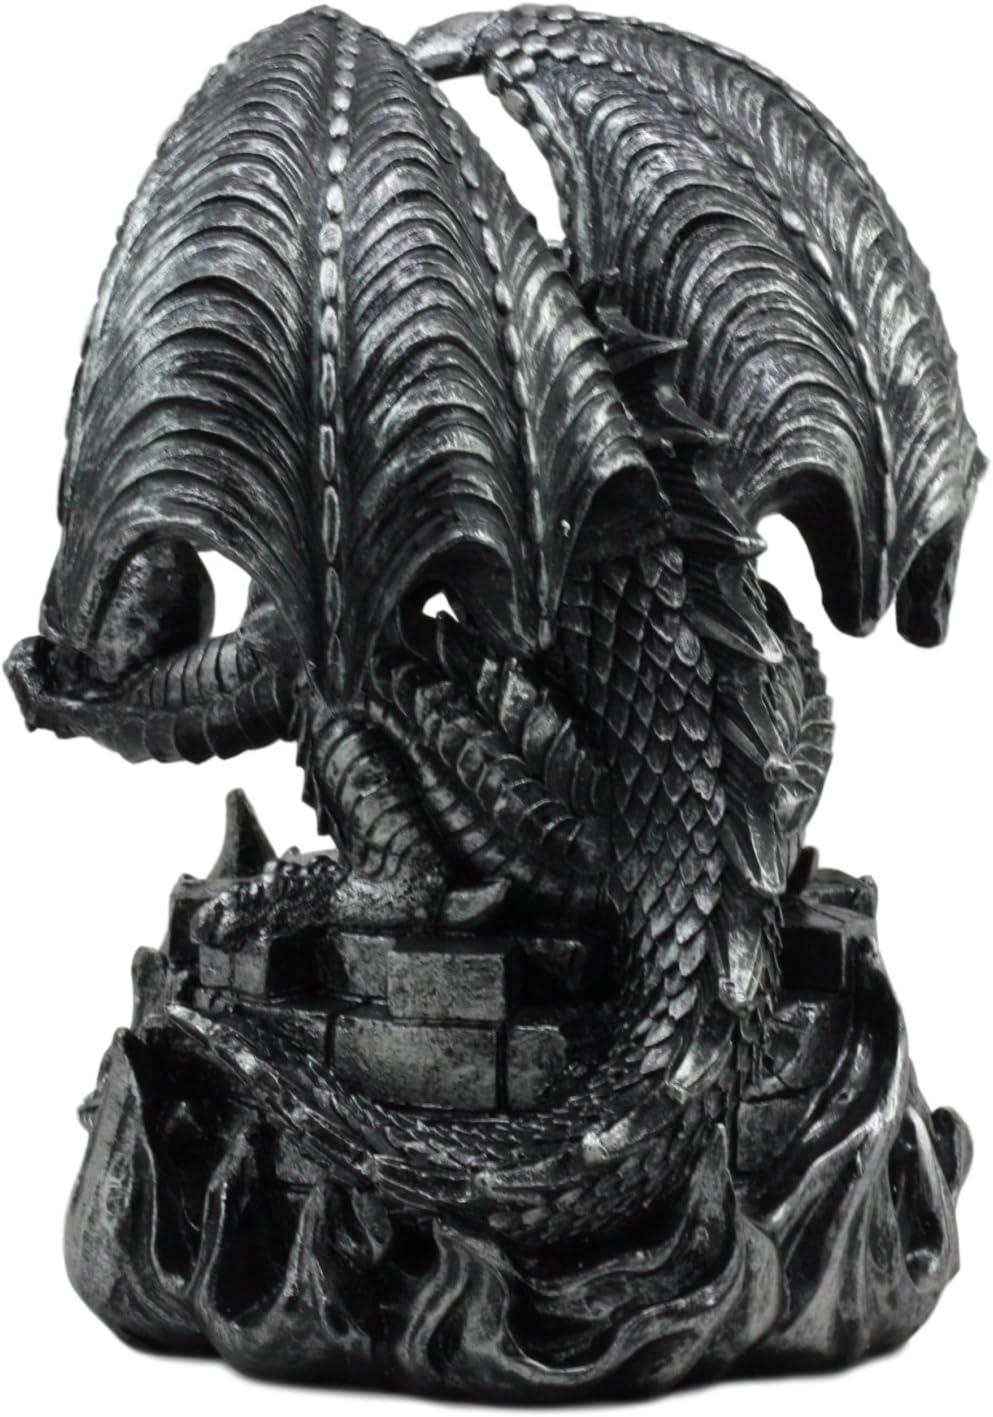 Ebros Aztec Quetzalcoatl - Figura de Dragón sin Ejercicios con Calavera Humana DE 25,4 cm de Altura, Diseño de Dragón de Fantasía: Amazon.es: Hogar